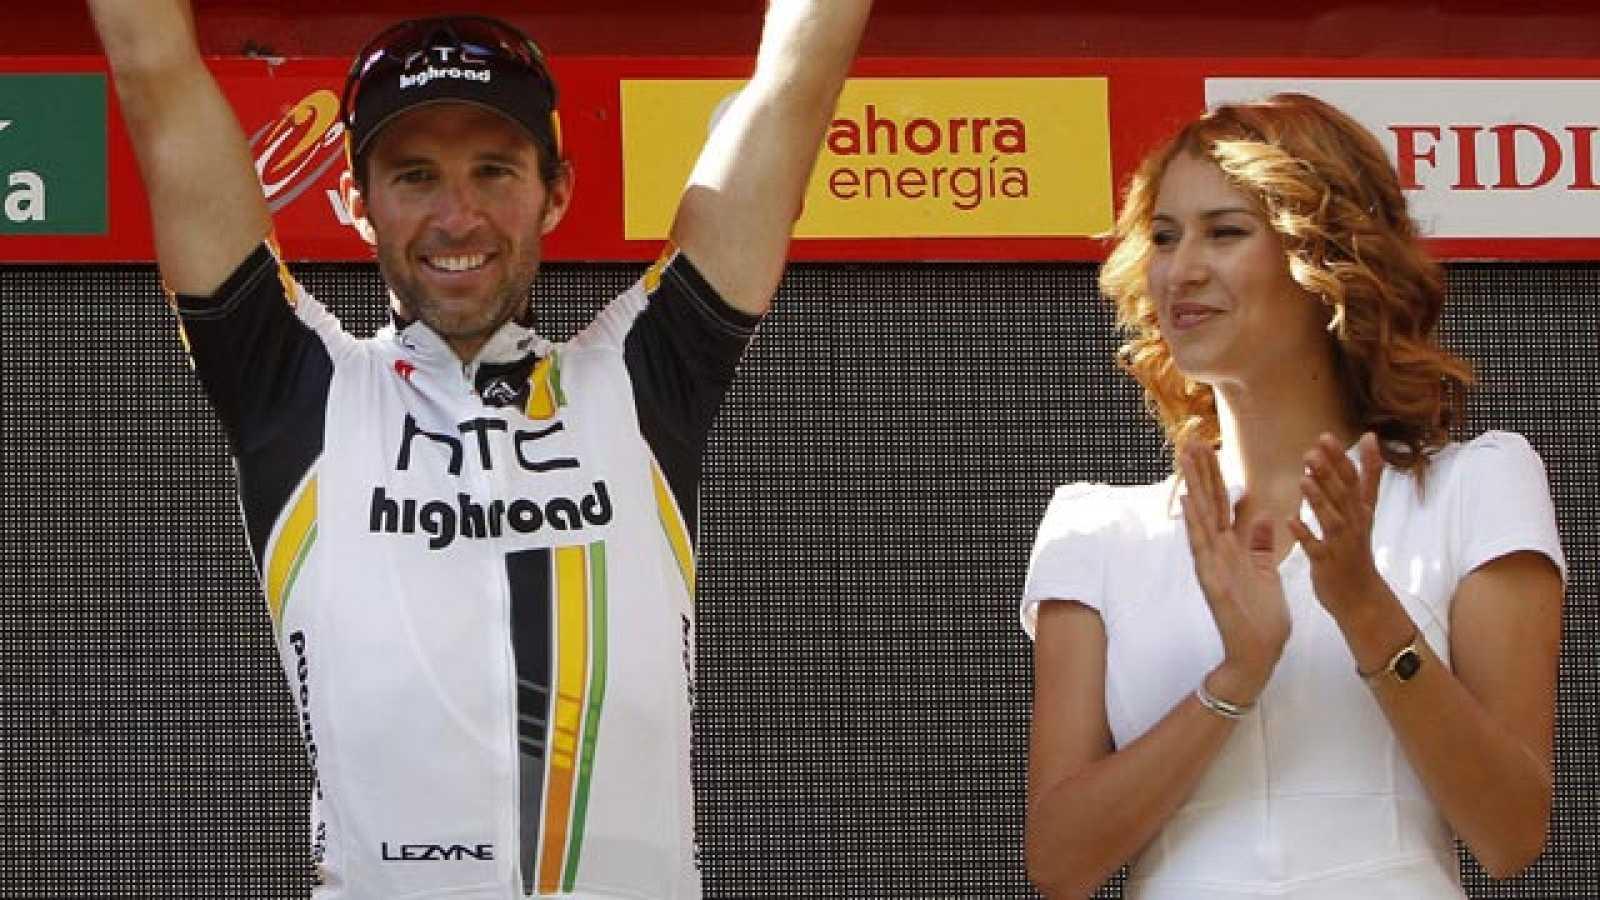 El corredor suizo se impone en el sprint de la 13ª etapa de la Vuelta 2011, con pocas novedades en la general